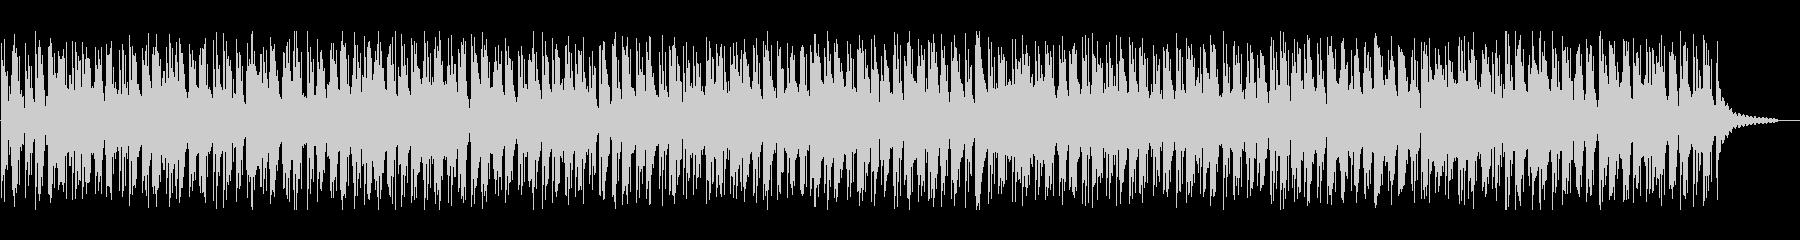 サックス中心のチルアウト、スムースR&Bの未再生の波形